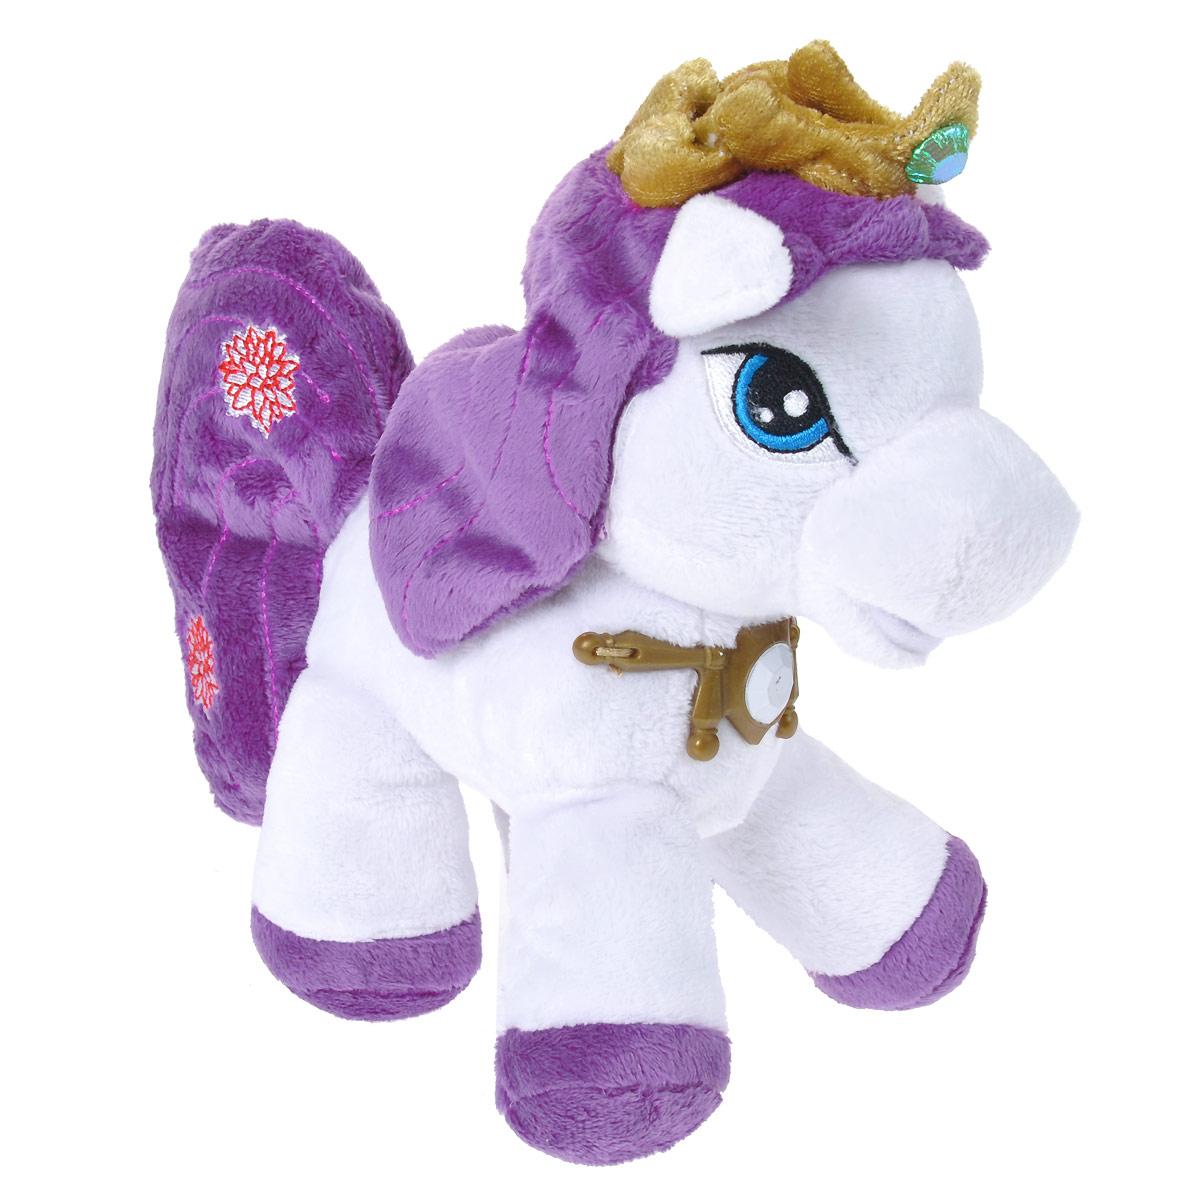 Мягкая игрушка Filly Лошадка Филли Эльф, 30 см27-77Мягкая игрушка Filly Лошадка Филли Эльф непременно понравится вашей малышке. Она выполнена из приятного на ощупь текстильного материала розового цвета в виде лошадки Филли - Эльфа. У лошадки вышиты глазки, на груди у нее пластиковый золотистый значок, на голове - мягкая золотистая корона с кристаллом. Игрушка подарит своему обладателю хорошее настроение и принесет много радости. Порадуйте своего ребенка таким замечательным подарком!